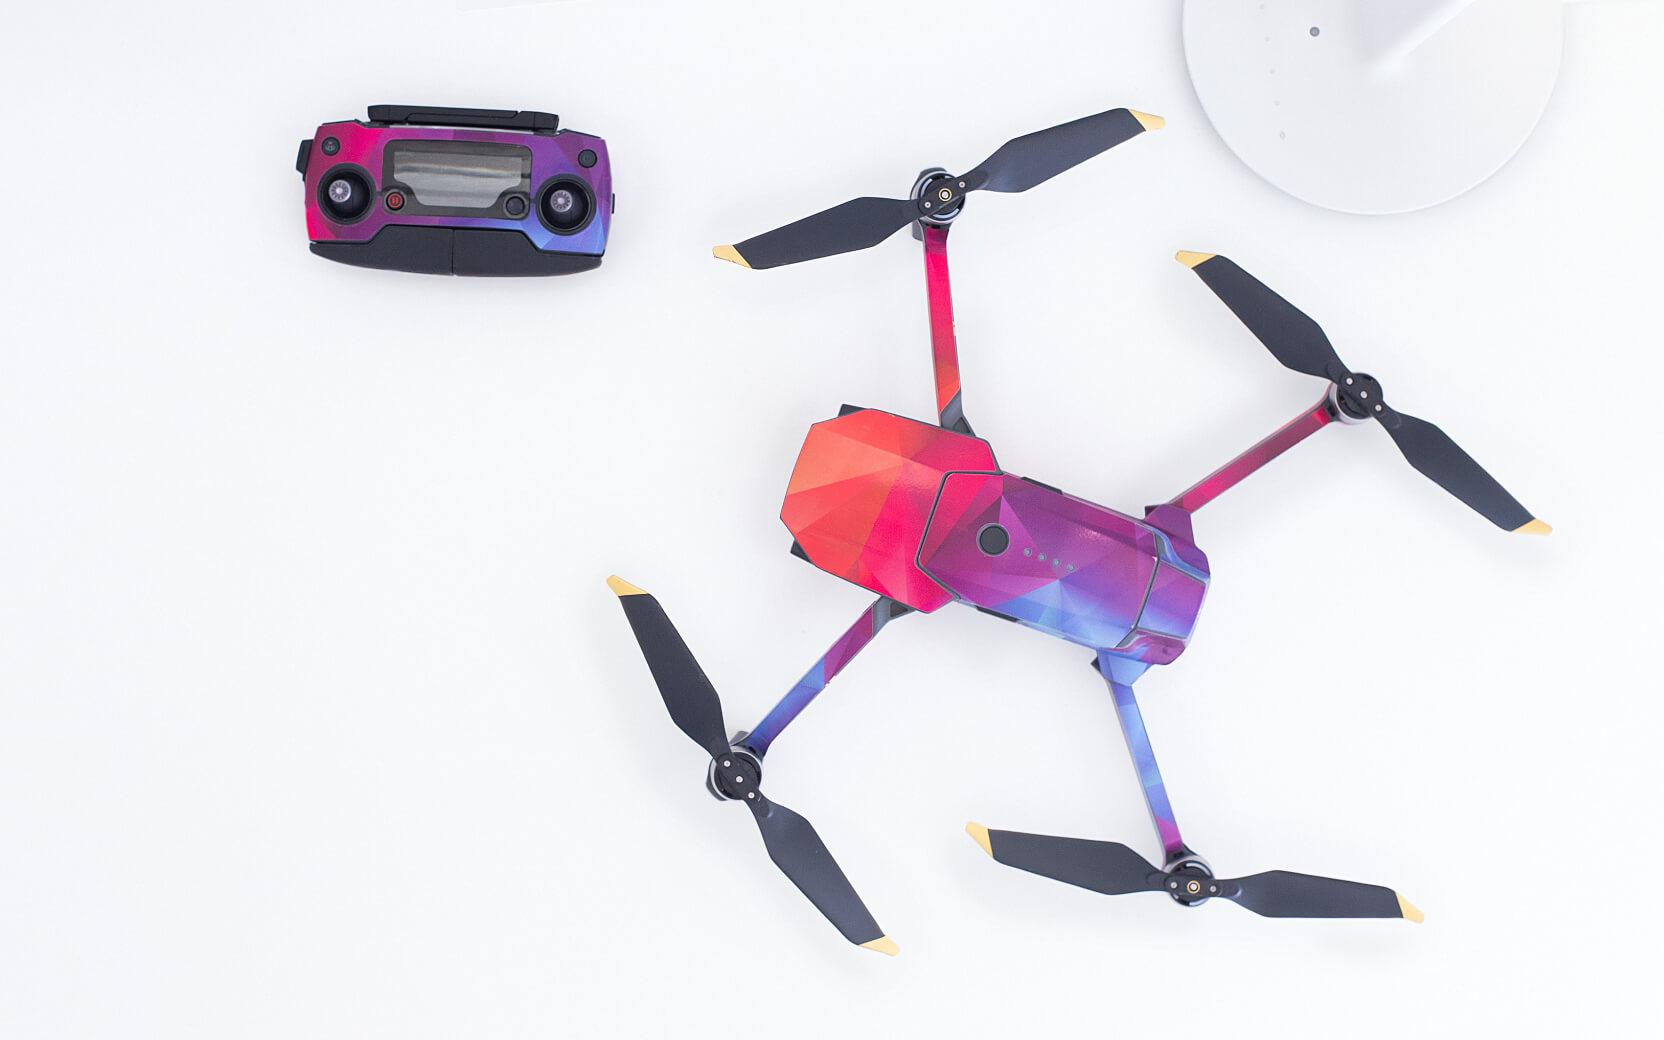 Produktfoto von einer Drohne von oben